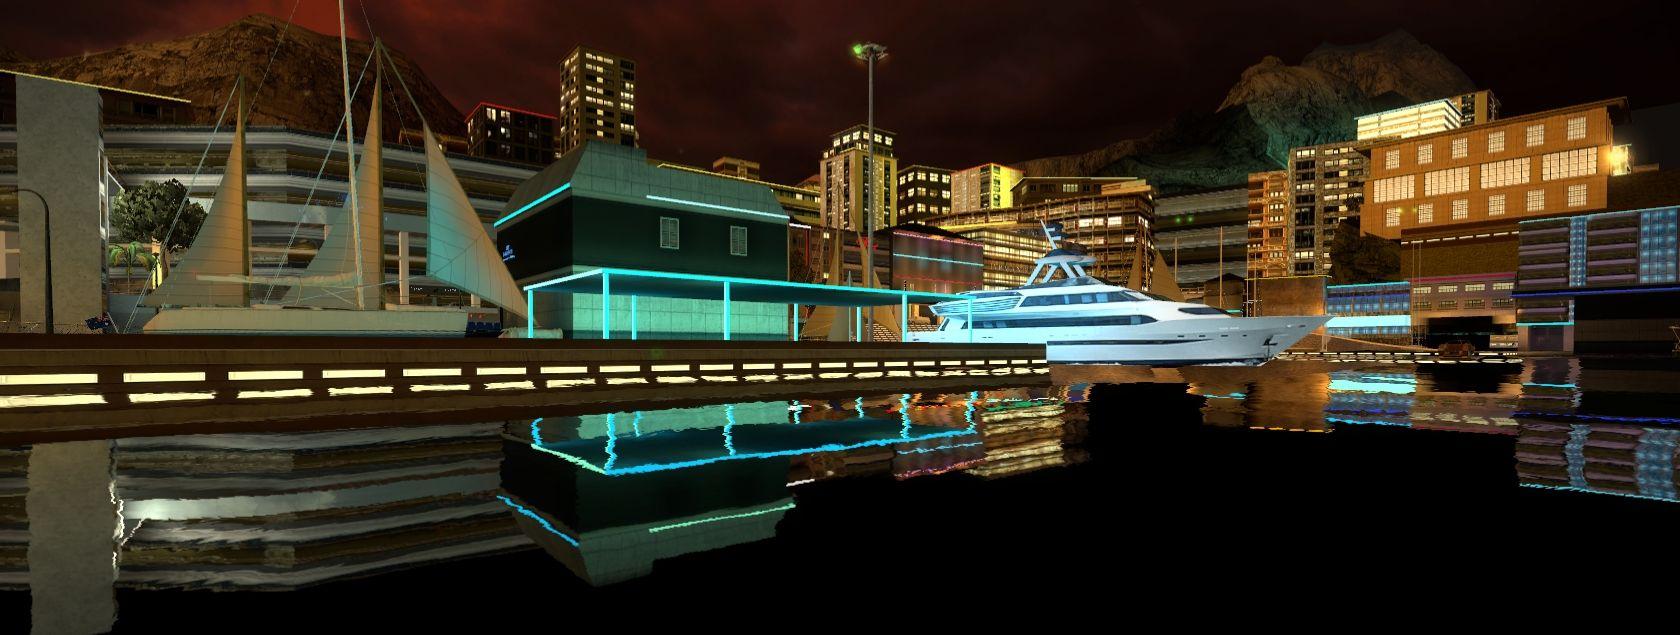 casino harbor 06